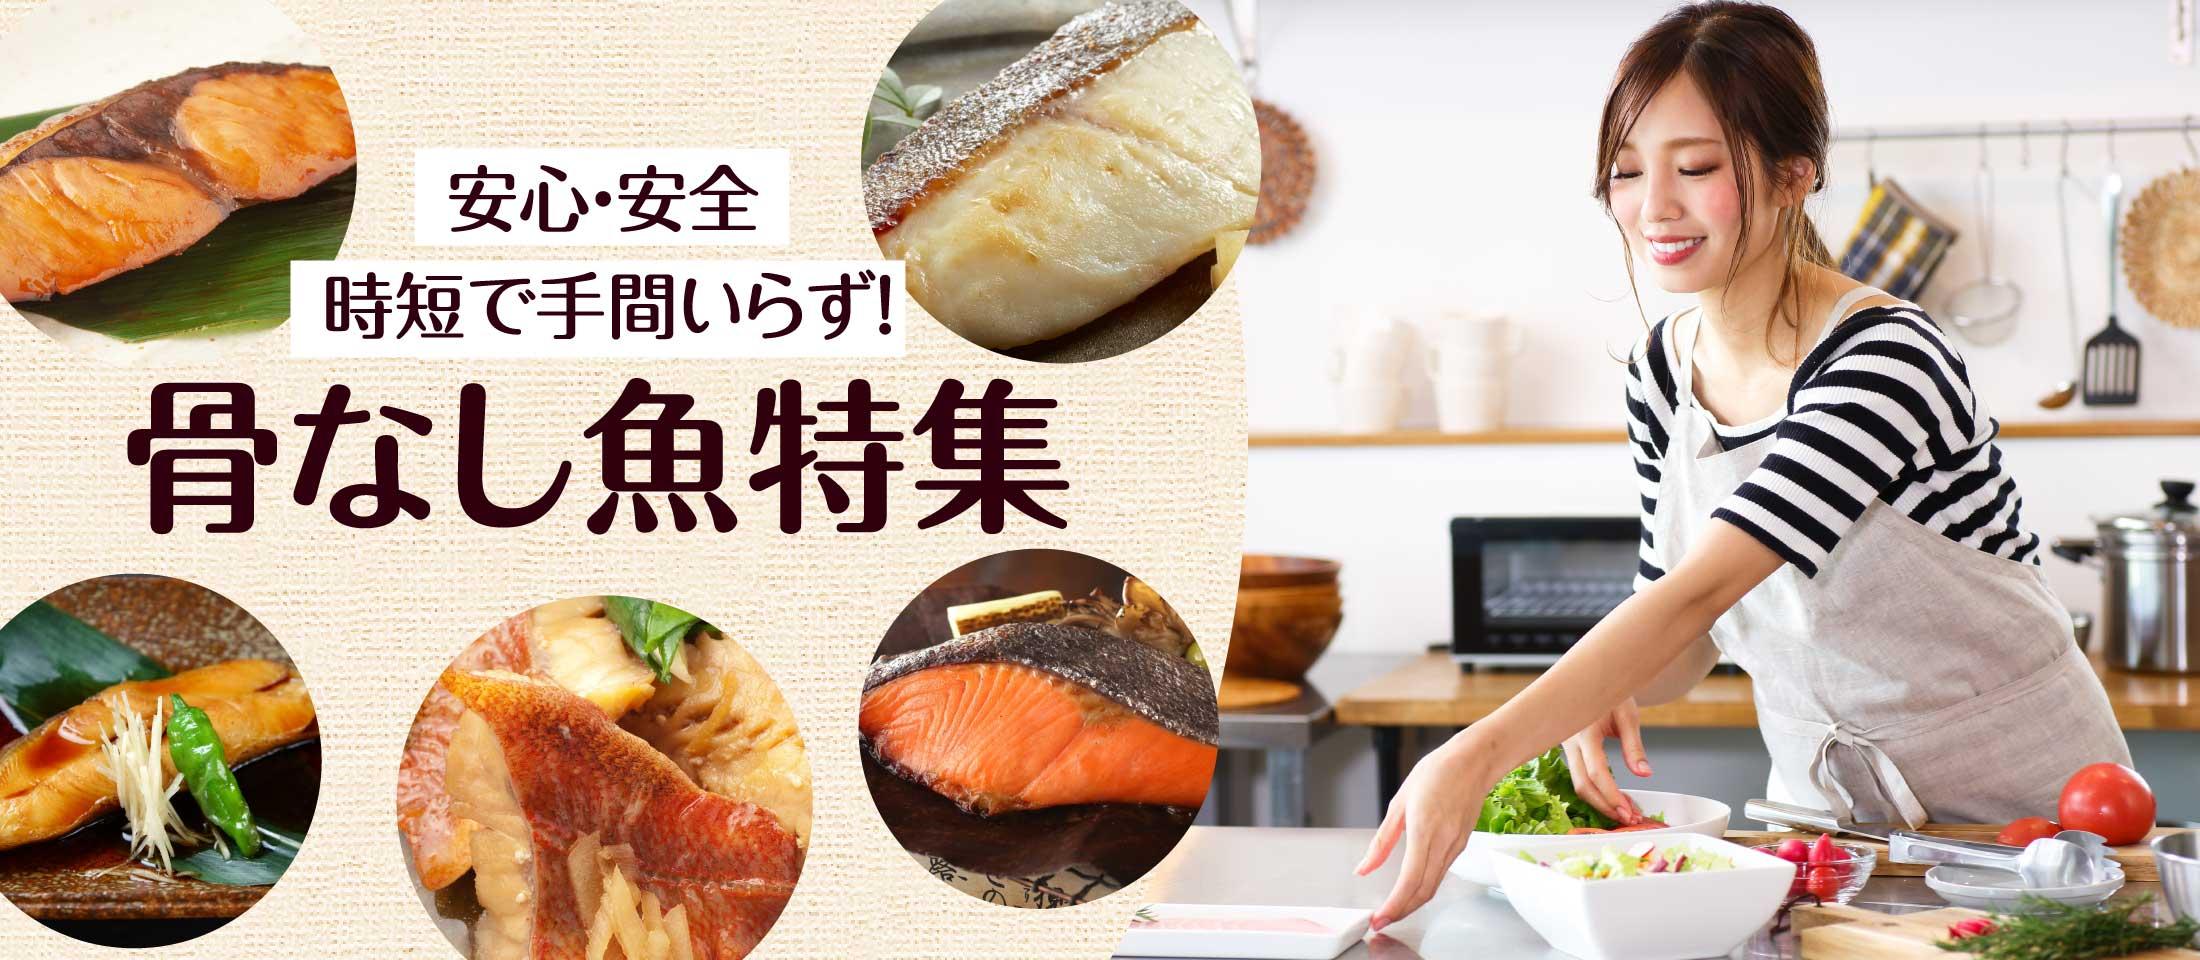 時短で手間いらず!安心・安全な 骨なし魚9選 業務用食品・冷凍食品通販 ナカヤマフーズオンライン